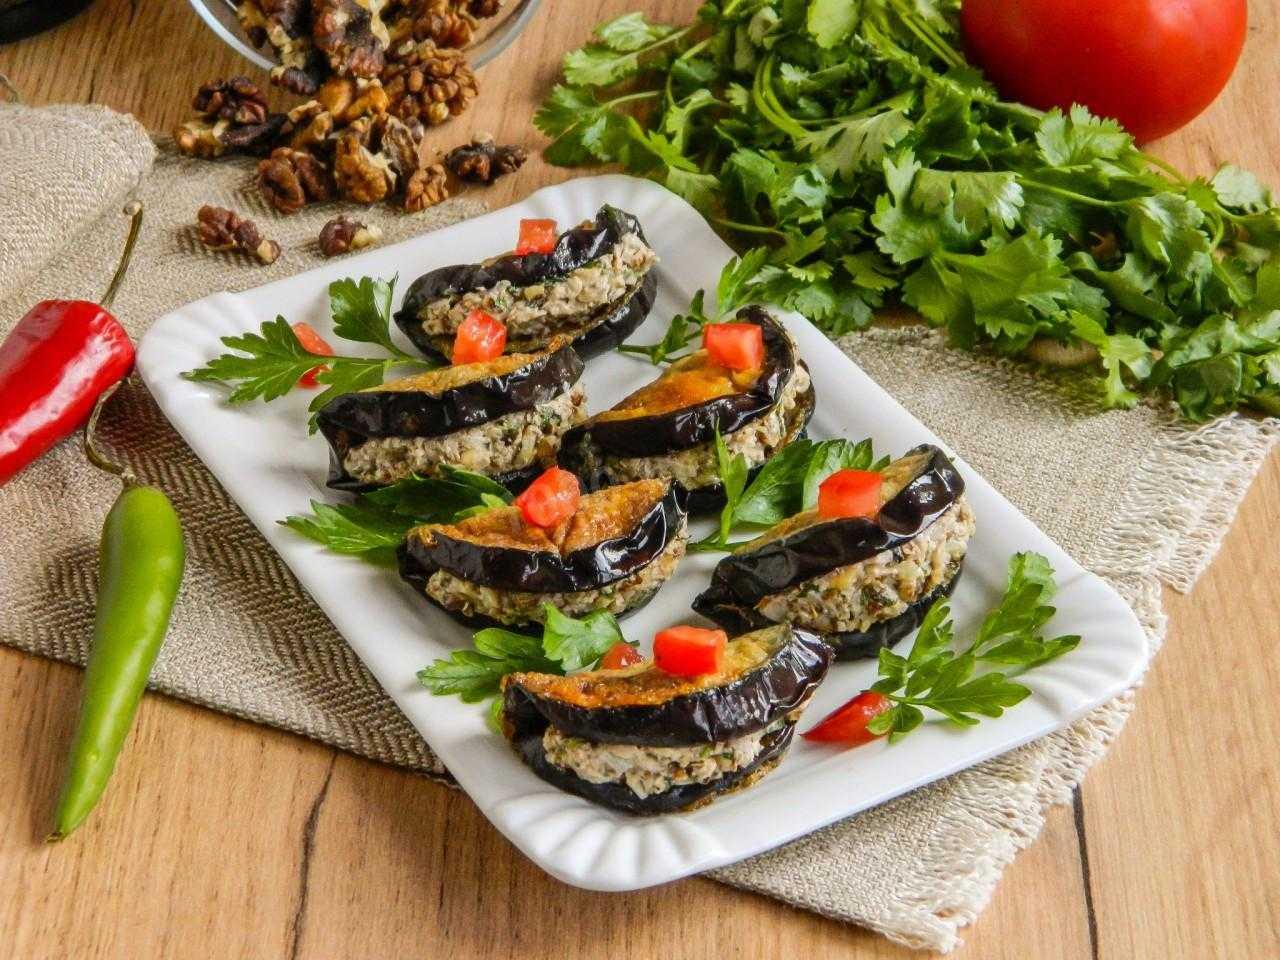 Салат из баклажанов и лука: 7 простых рецептов